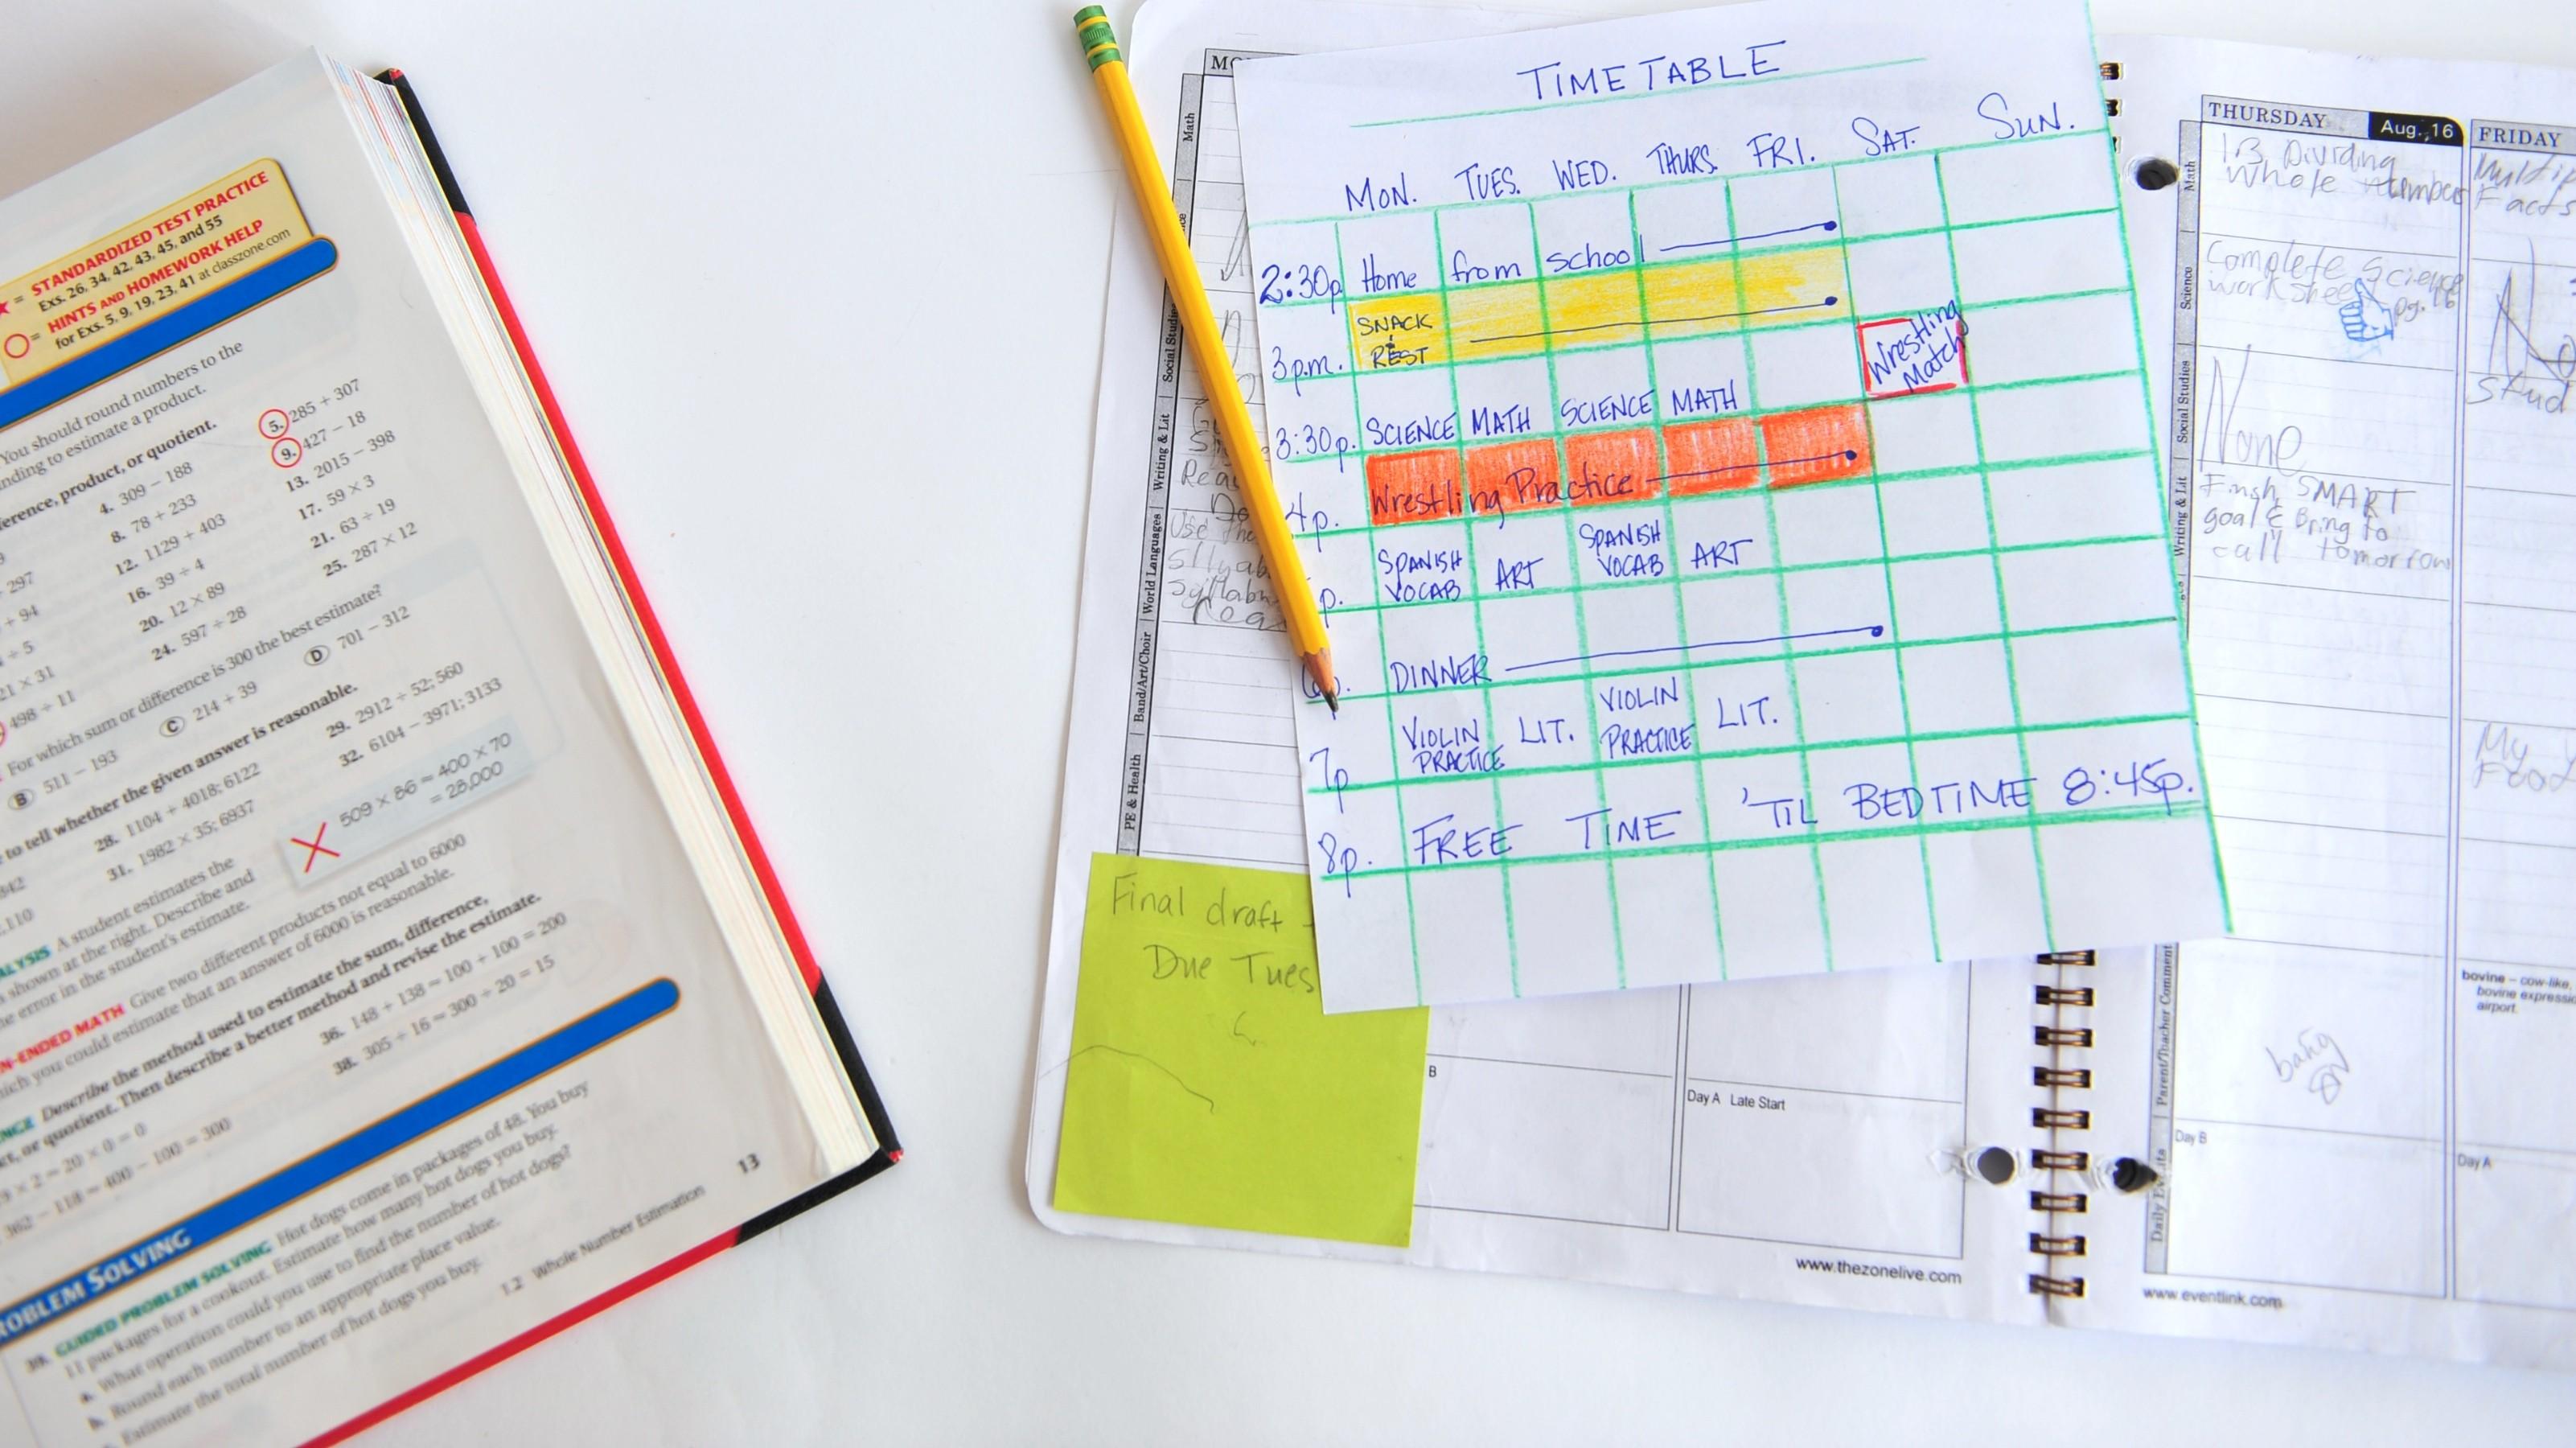 Imprimir Calendario Grande Recientes C³mo Hacer Un Calendario De Estudios 6 Pasos Of Imprimir Calendario Grande Mejores Y Más Novedosos Happy Planner Imprimible Gratis 2017 Dodlees Pinterest